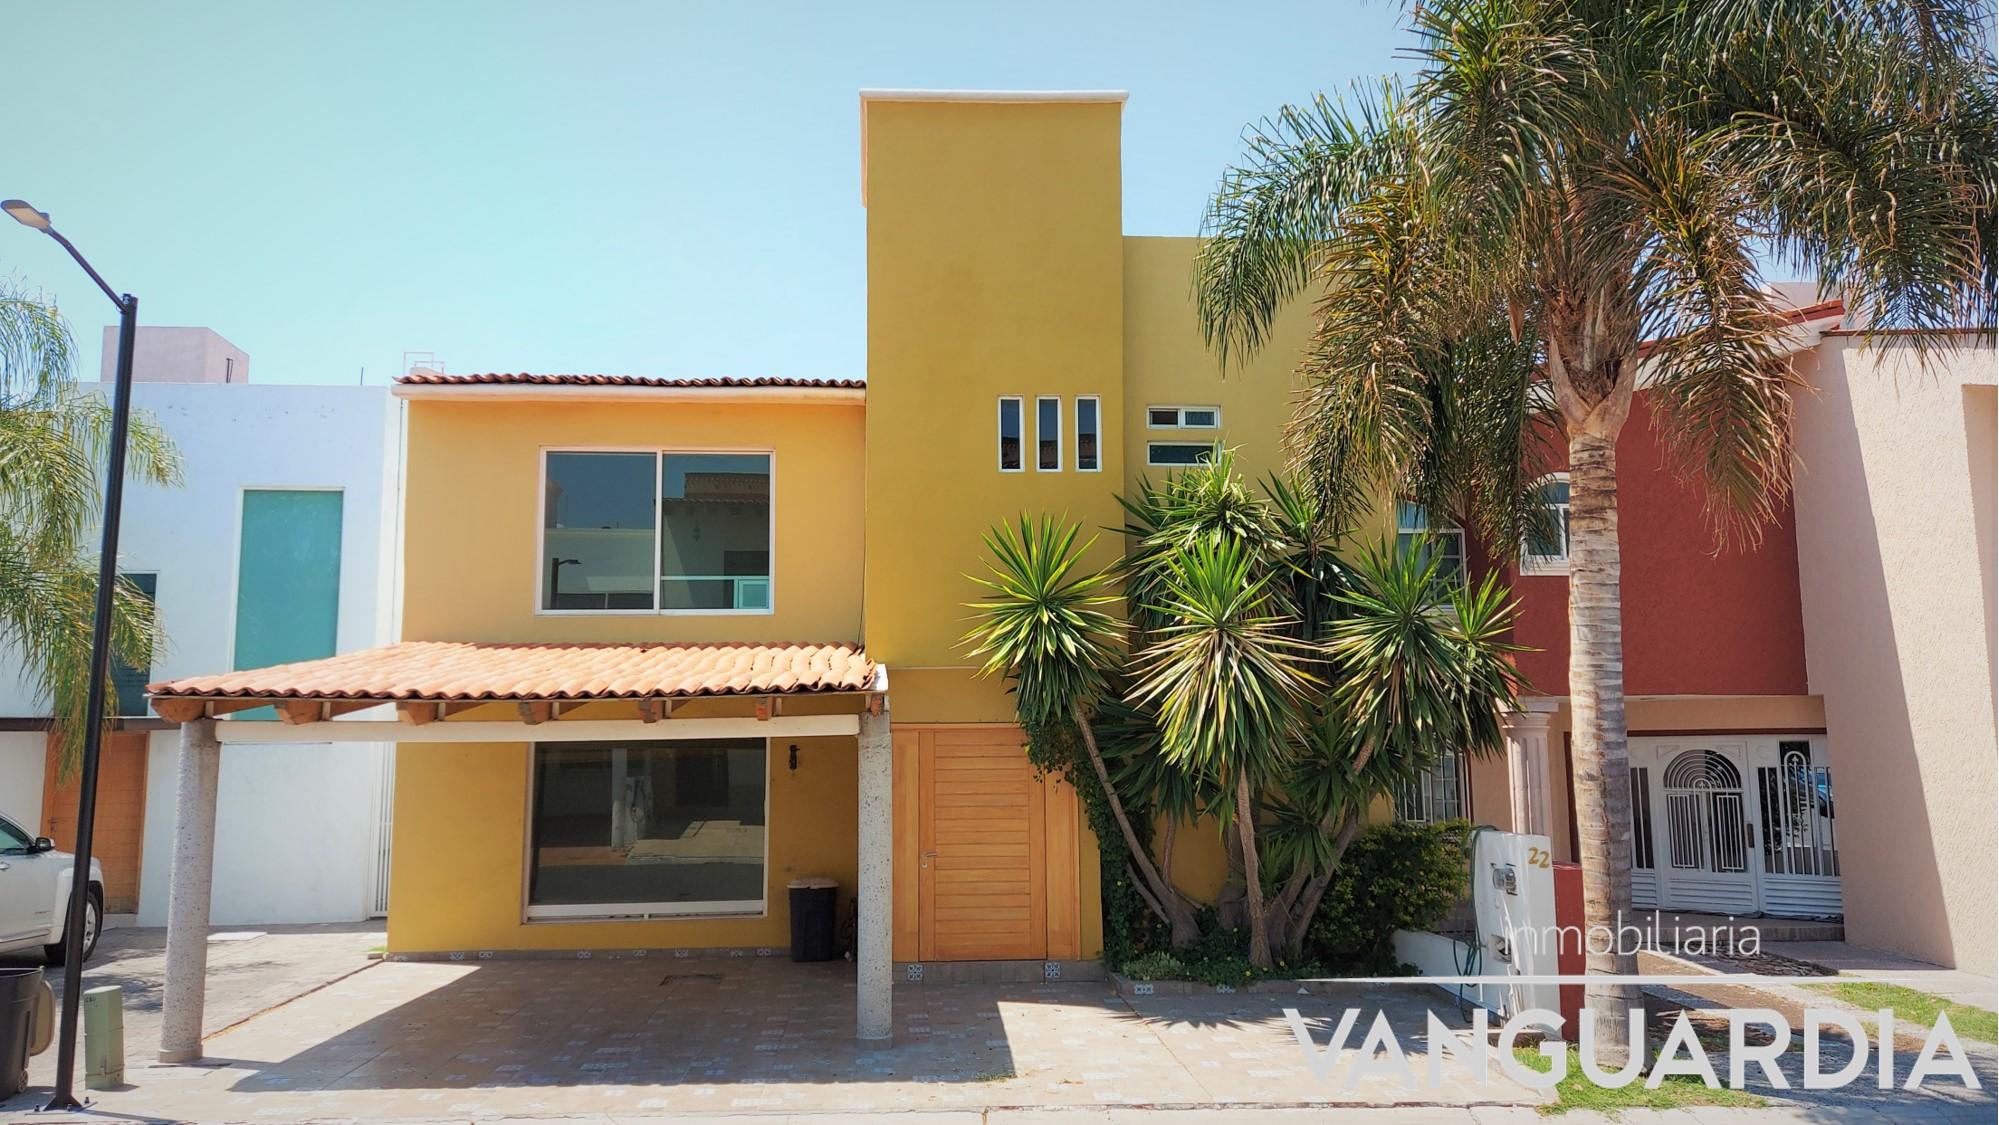 Amplia casa de 3 habitaciones con cochera techada.- Los Claustros, Centro Sur | Querétaro.